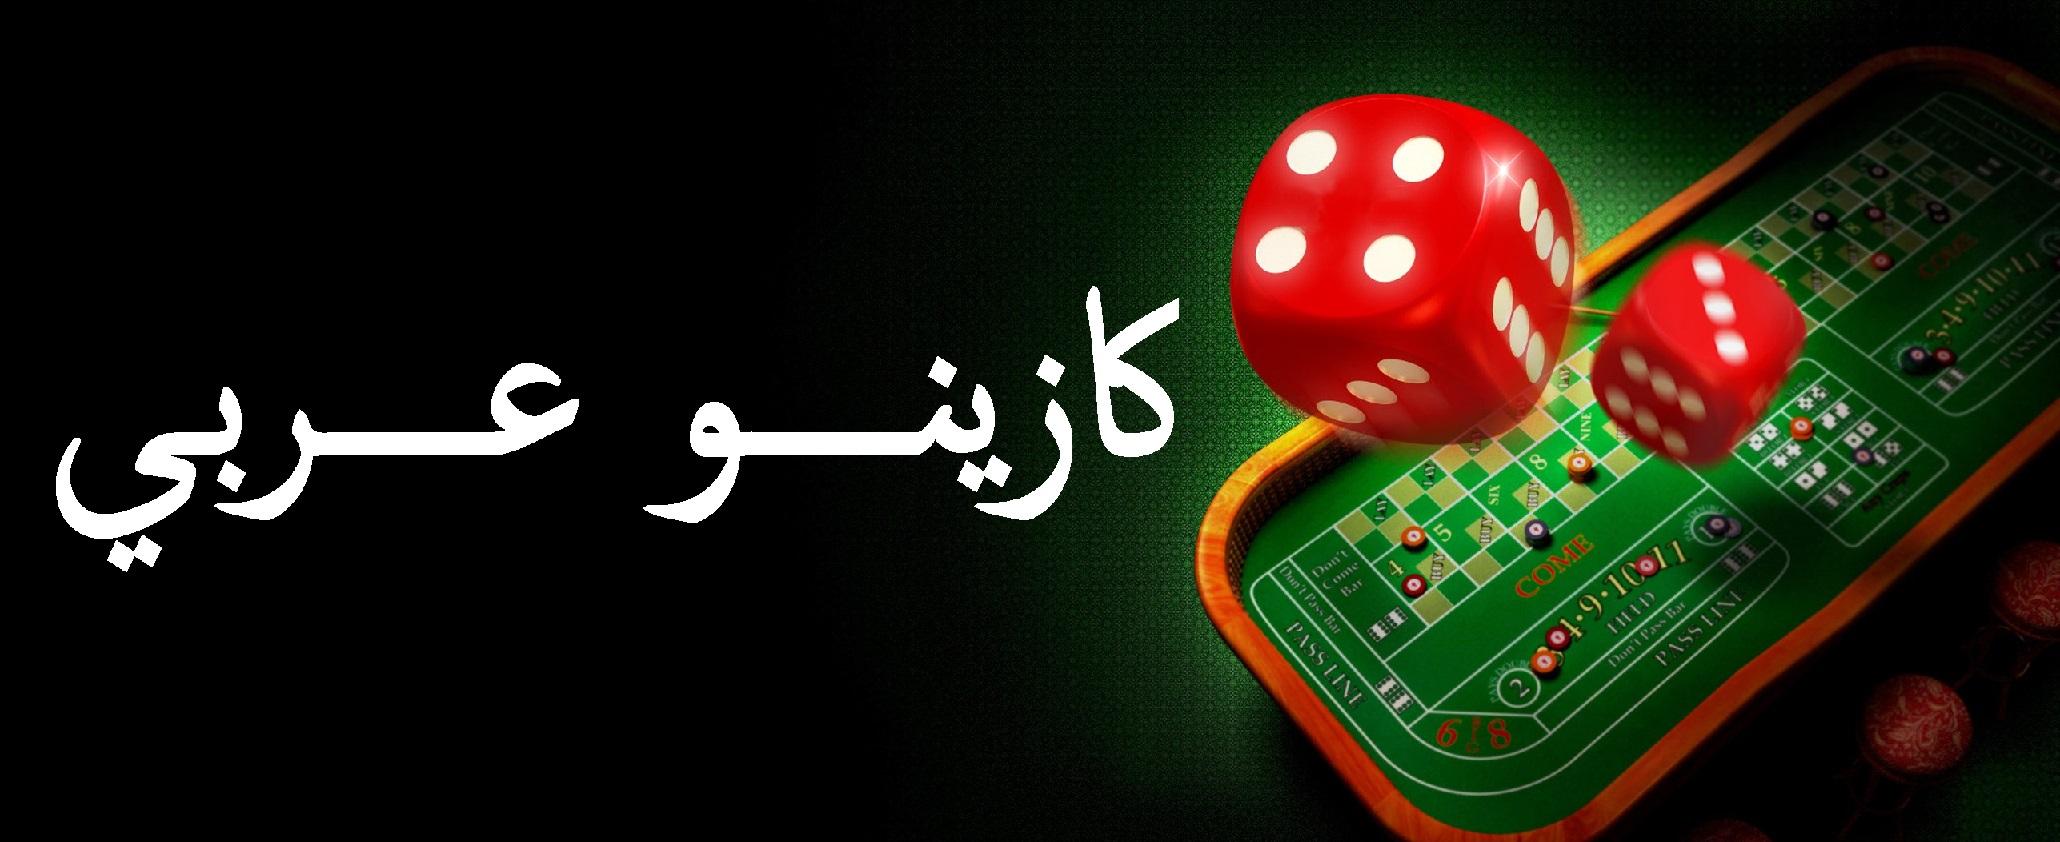 العب واربح المال - 45533